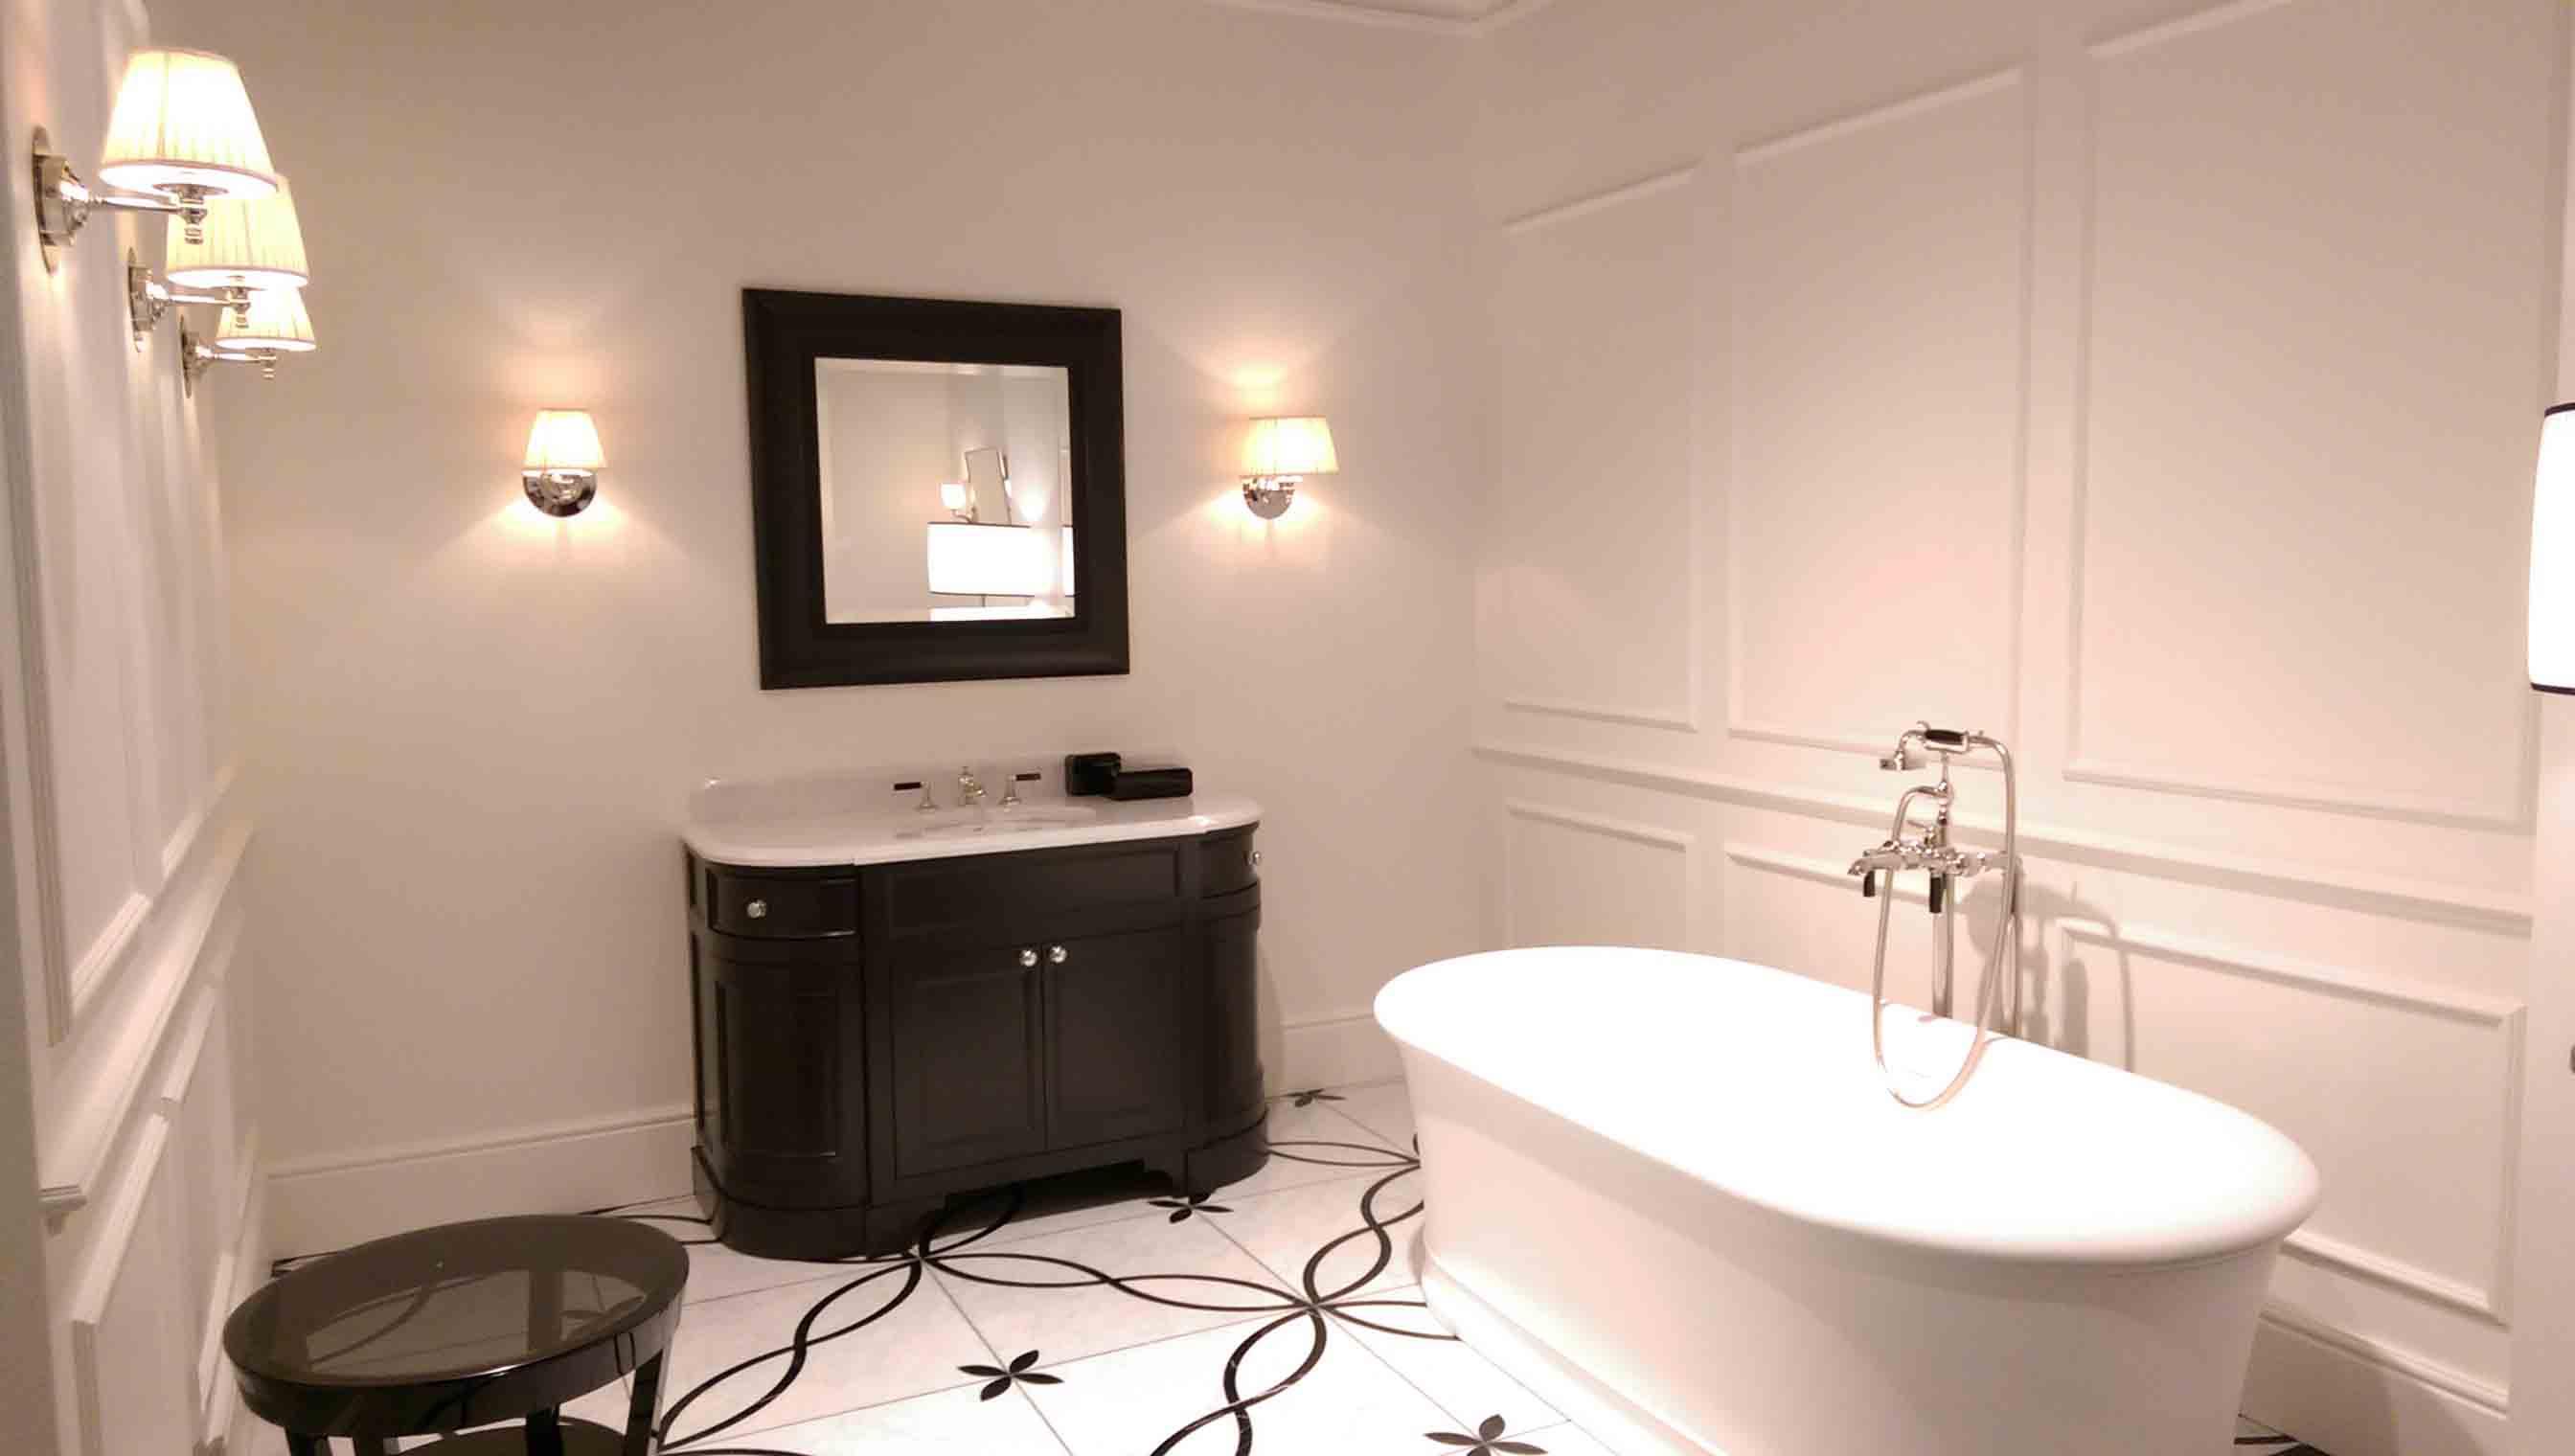 Type De Salle De Bain salle-de-bains-retro-bois-coutances - mco